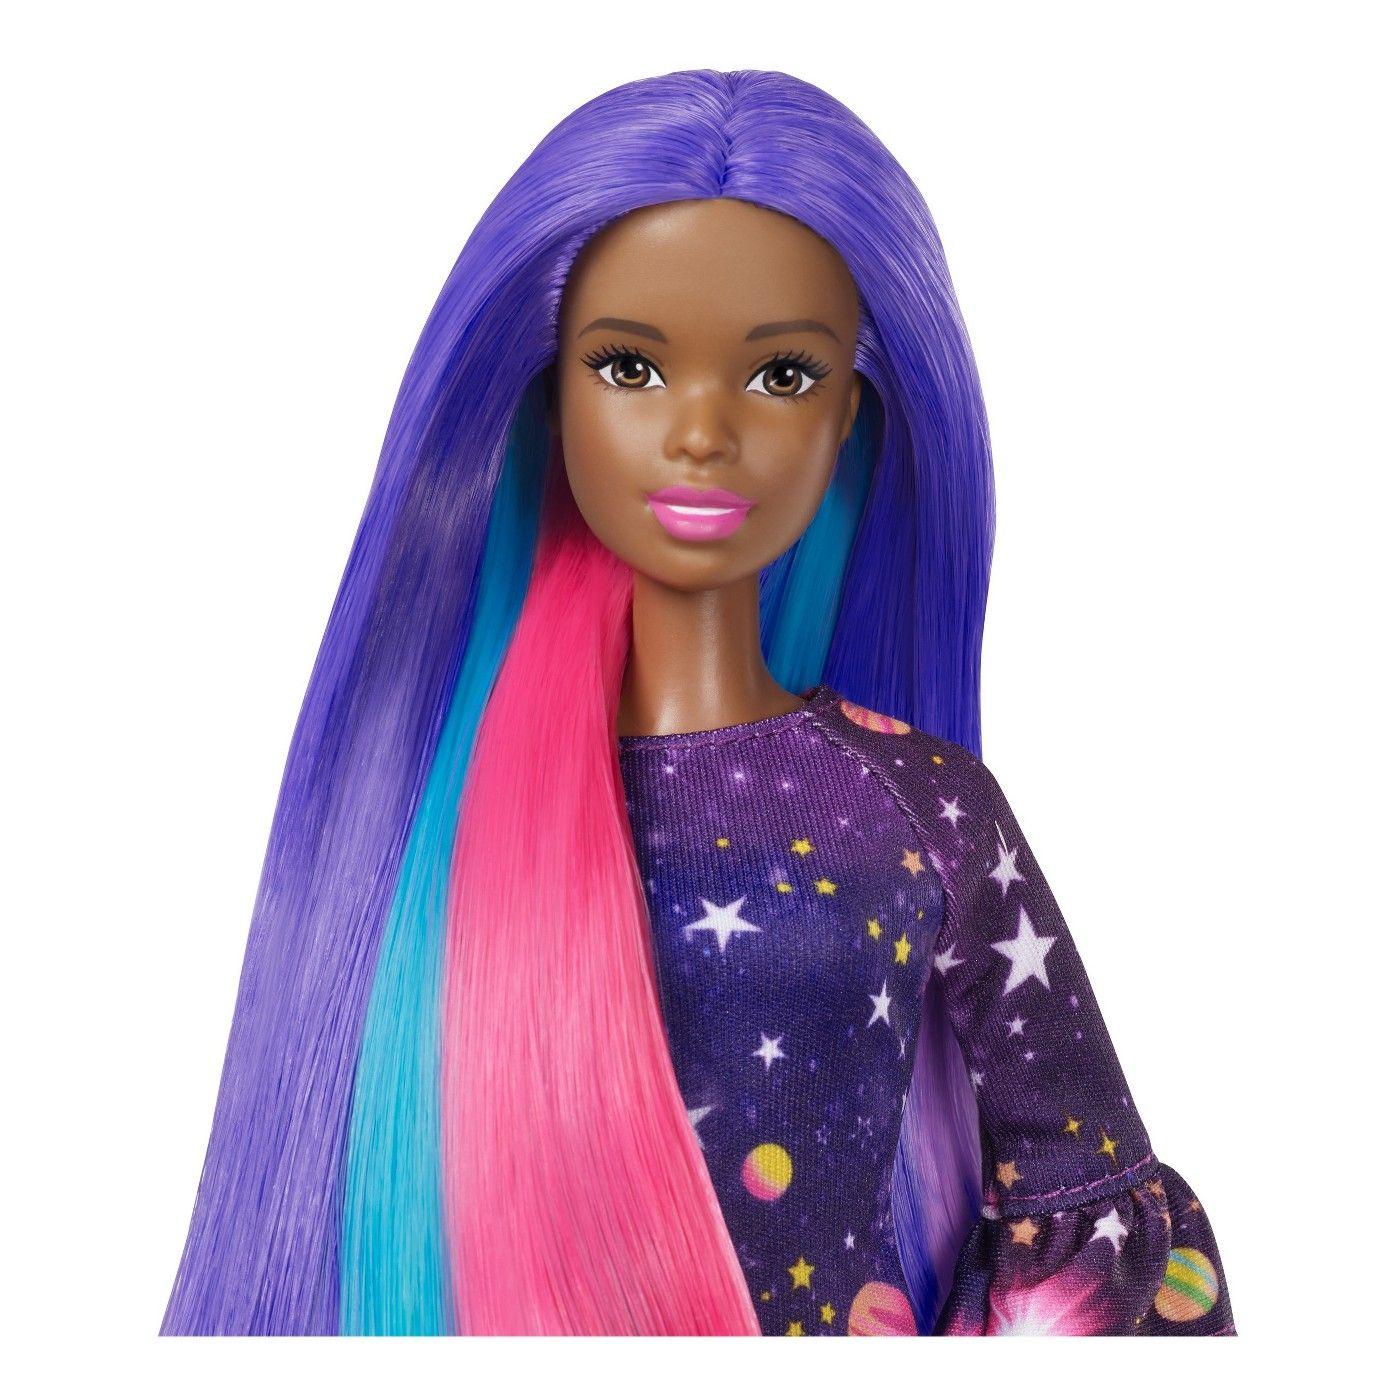 c650ef4d678 Barbie Color Surprise Hair Nikki Doll  Surprise